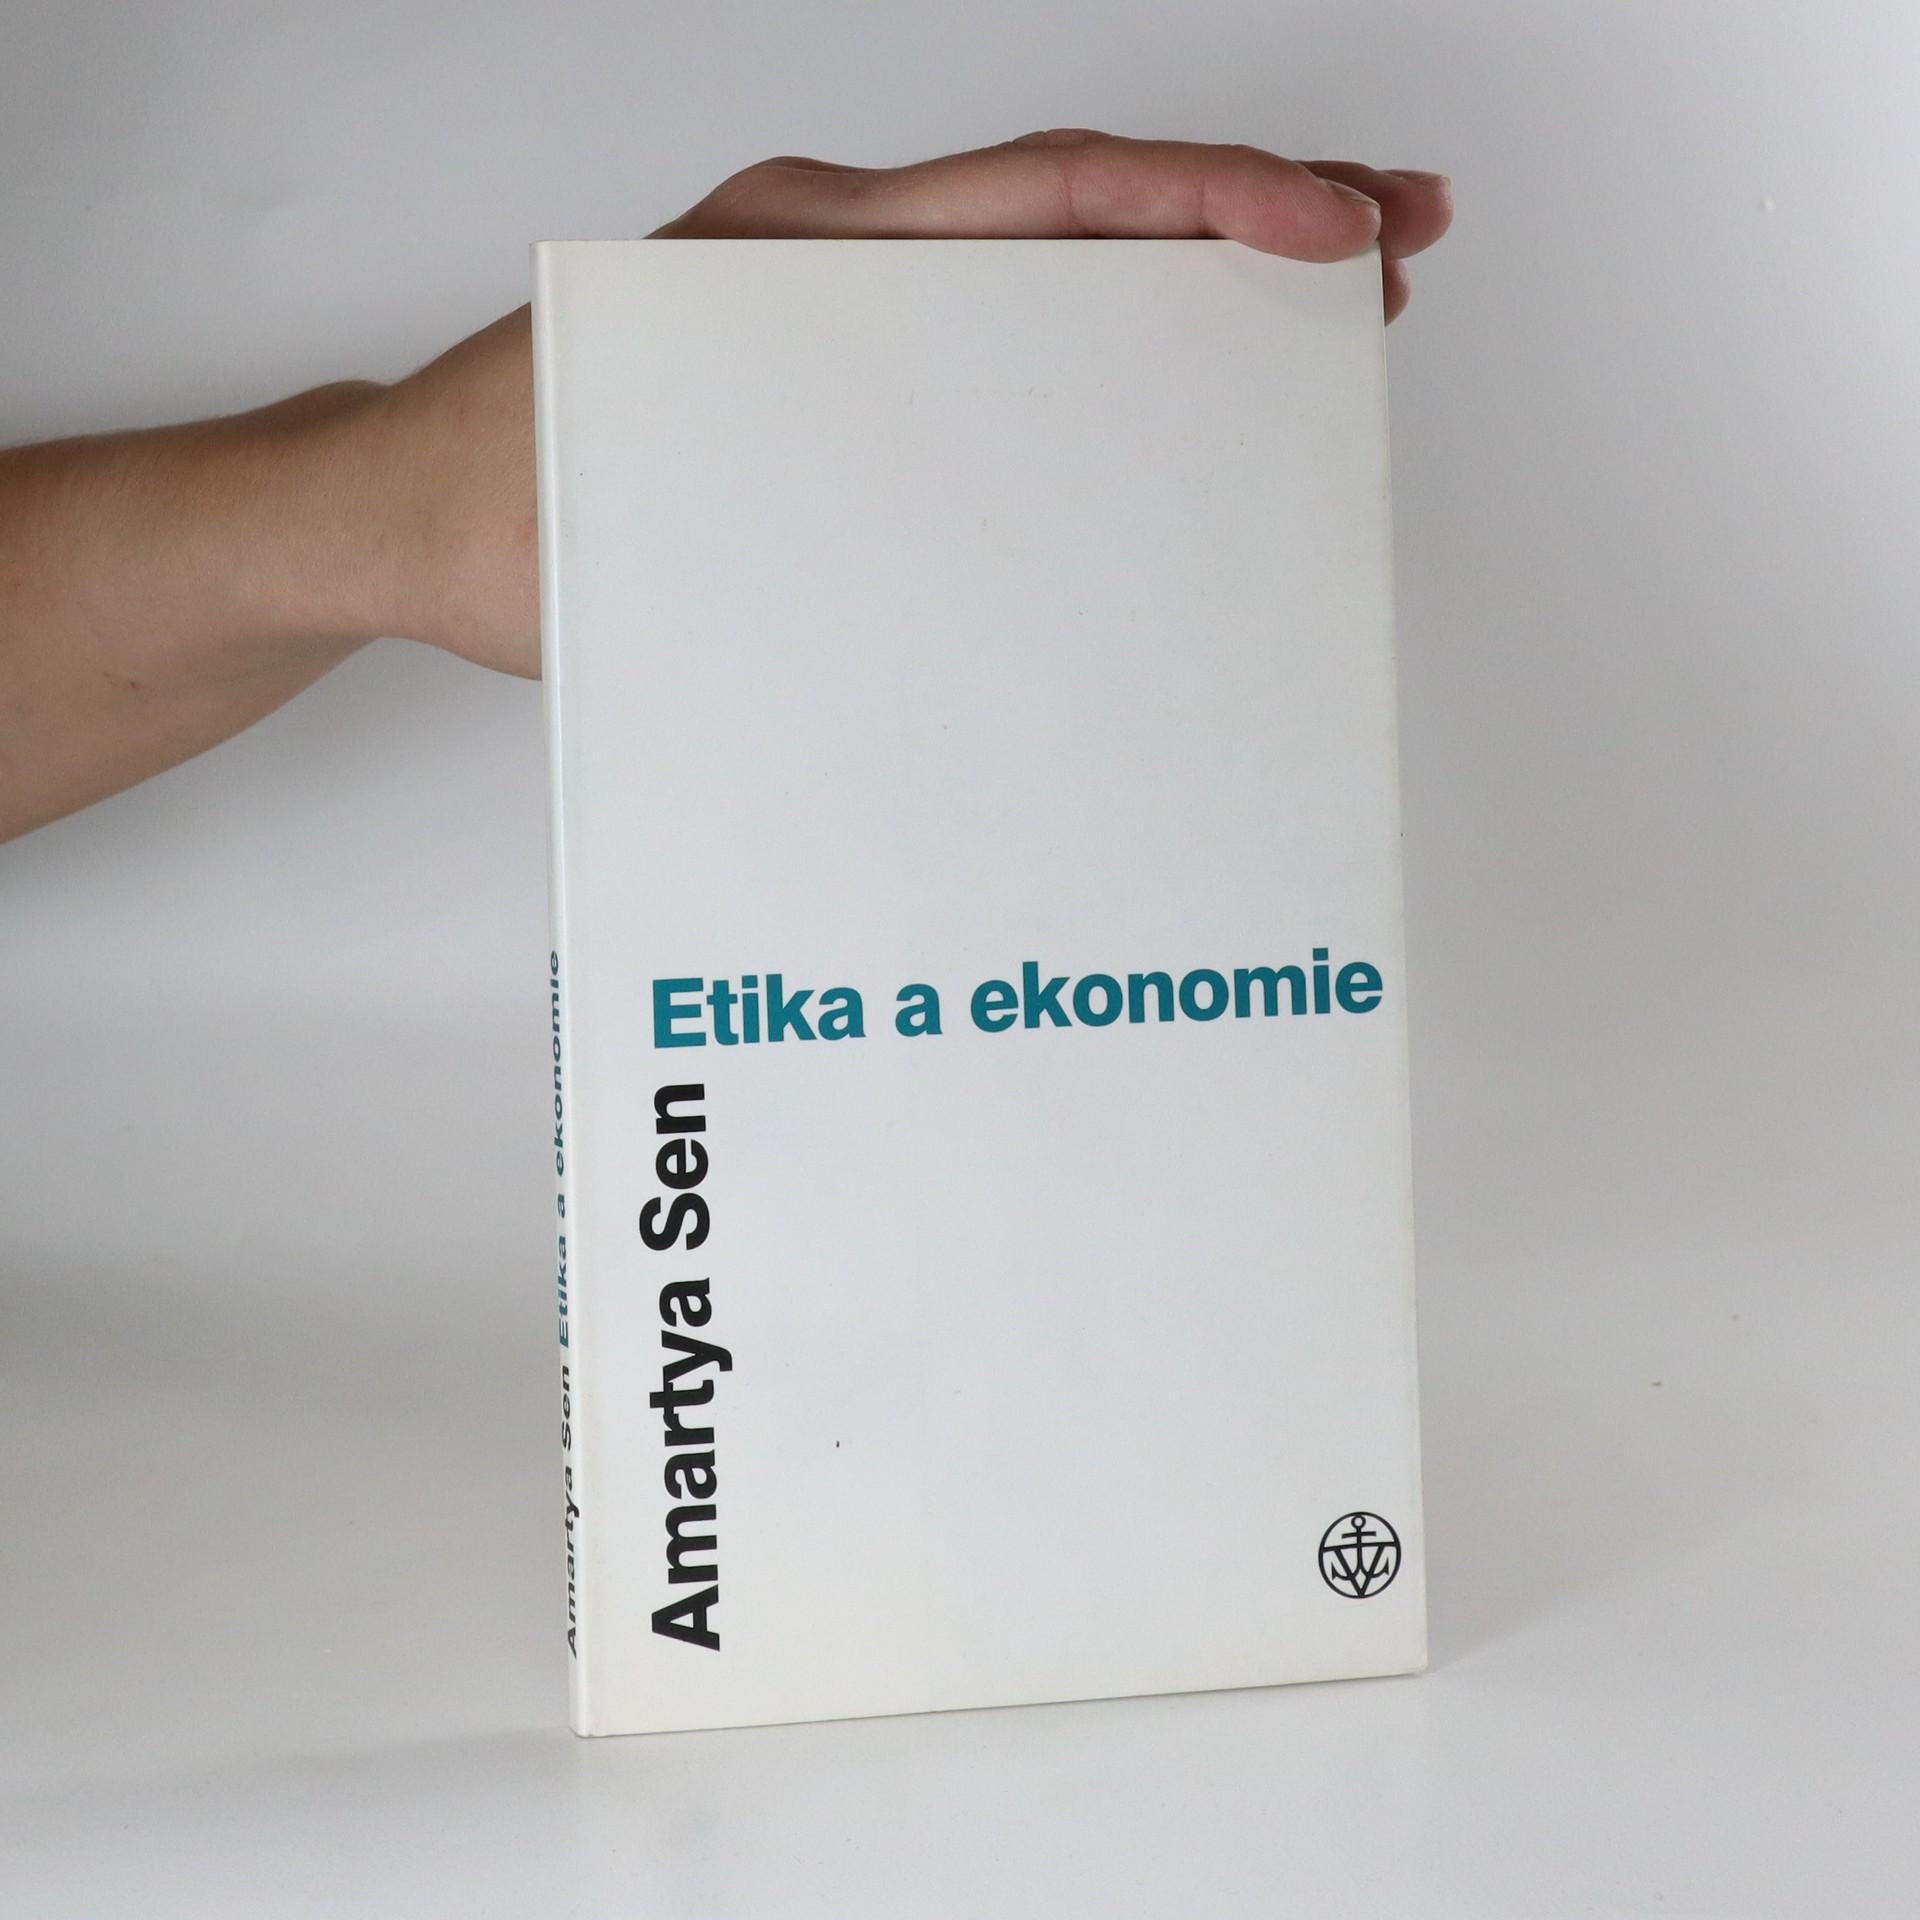 antikvární kniha Etika a ekonomie, 2002